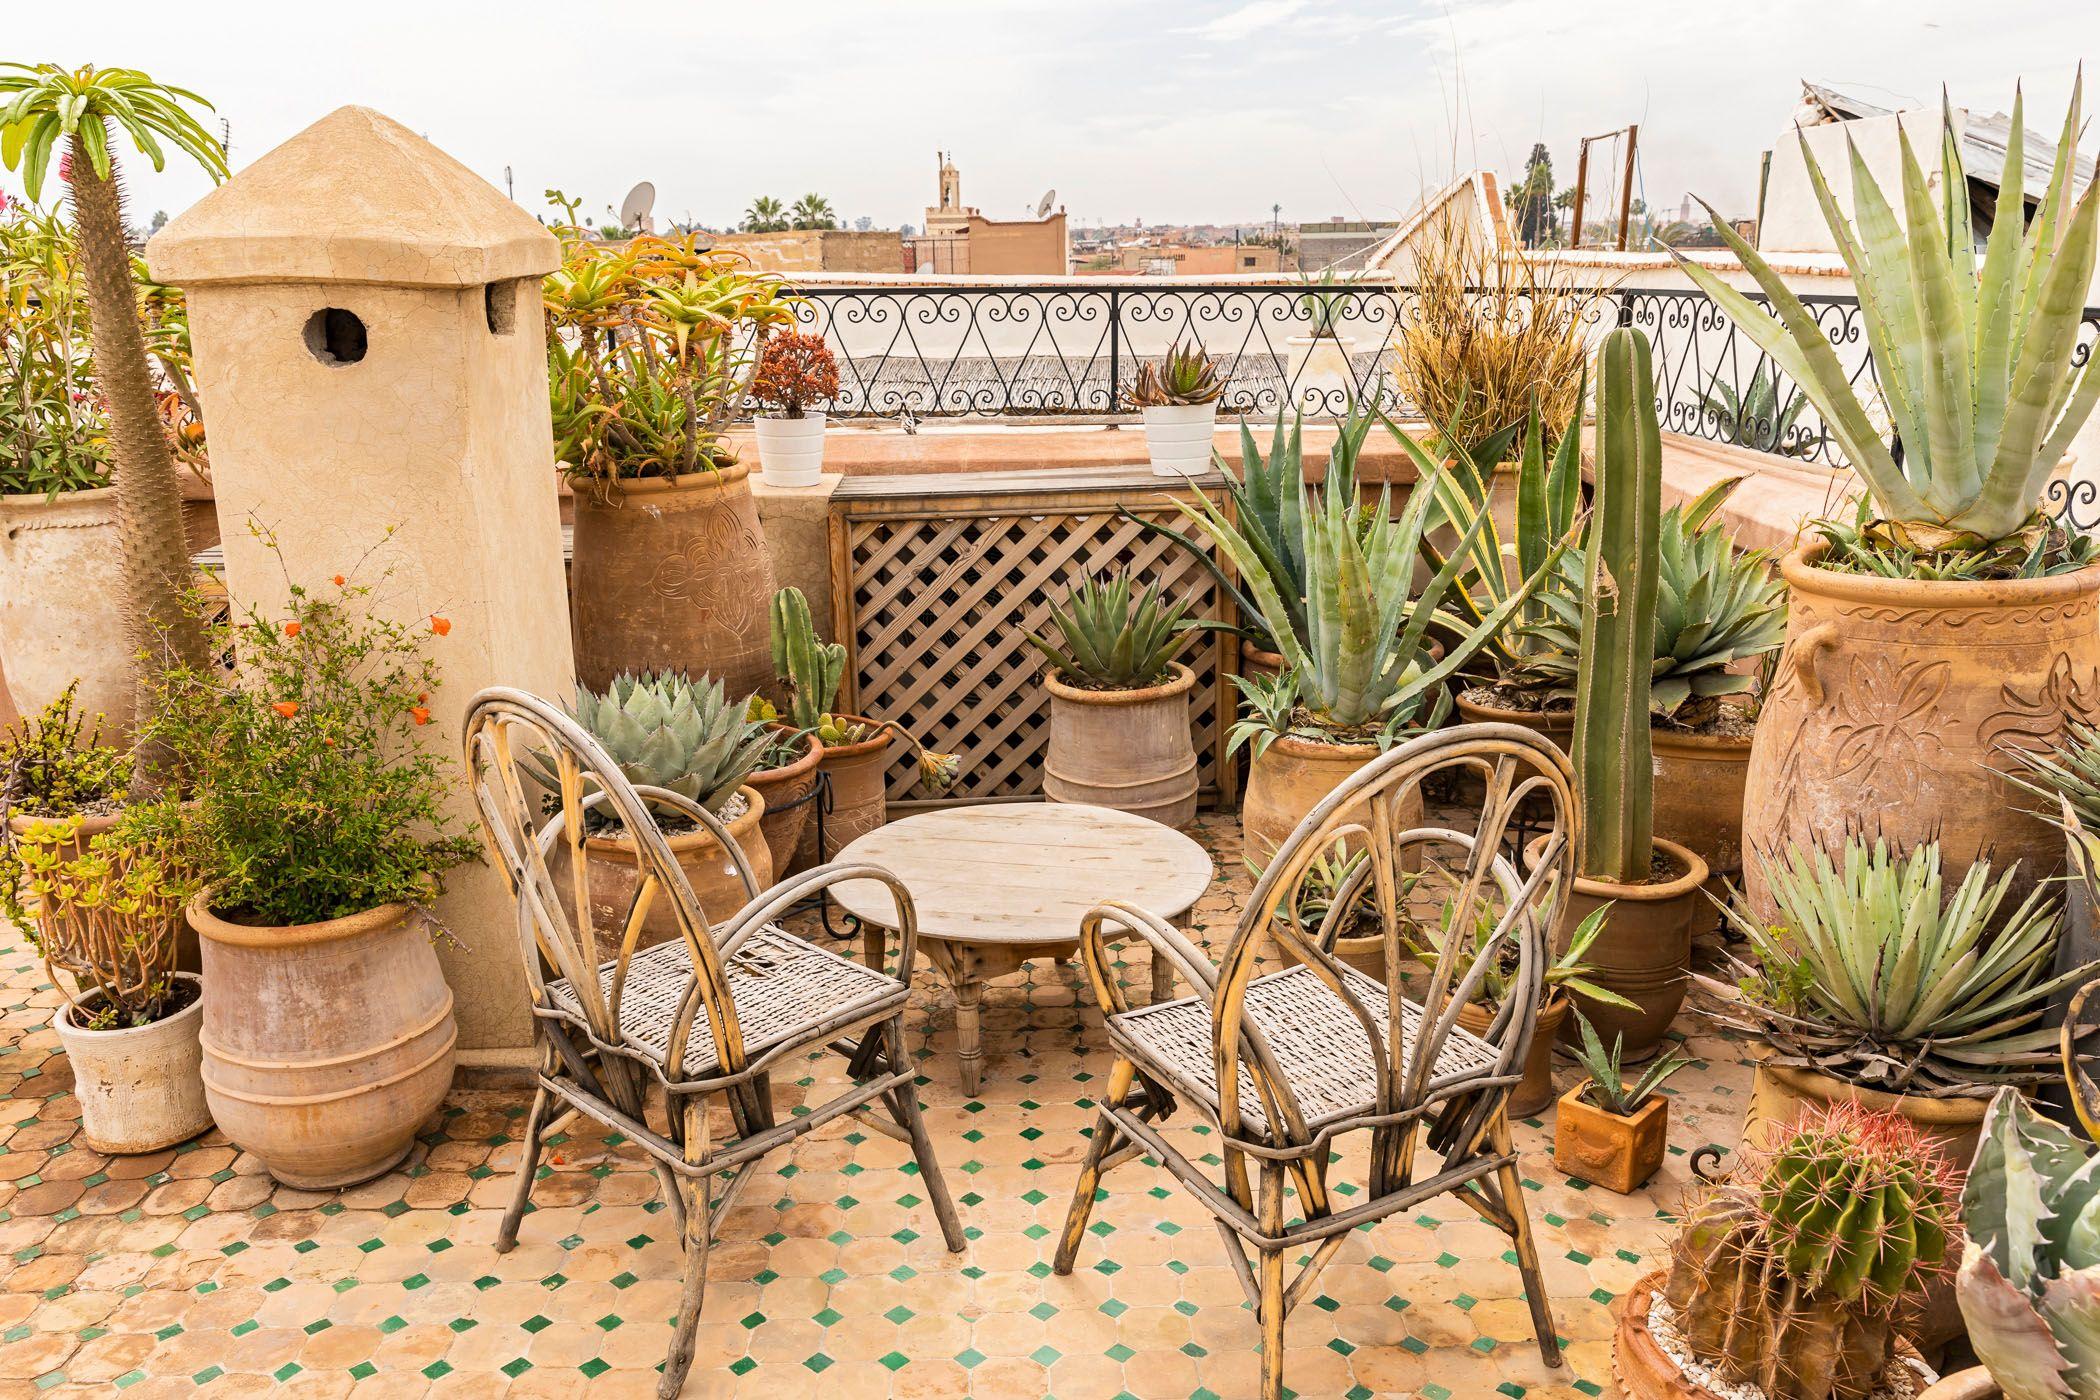 Riad Yasmine Die Perfekte Urban Jungle Oase In Marrakesch Das Onlinemagazin Fur Fempower Homestories Kleiner Hof Garten Marrakesch Riad